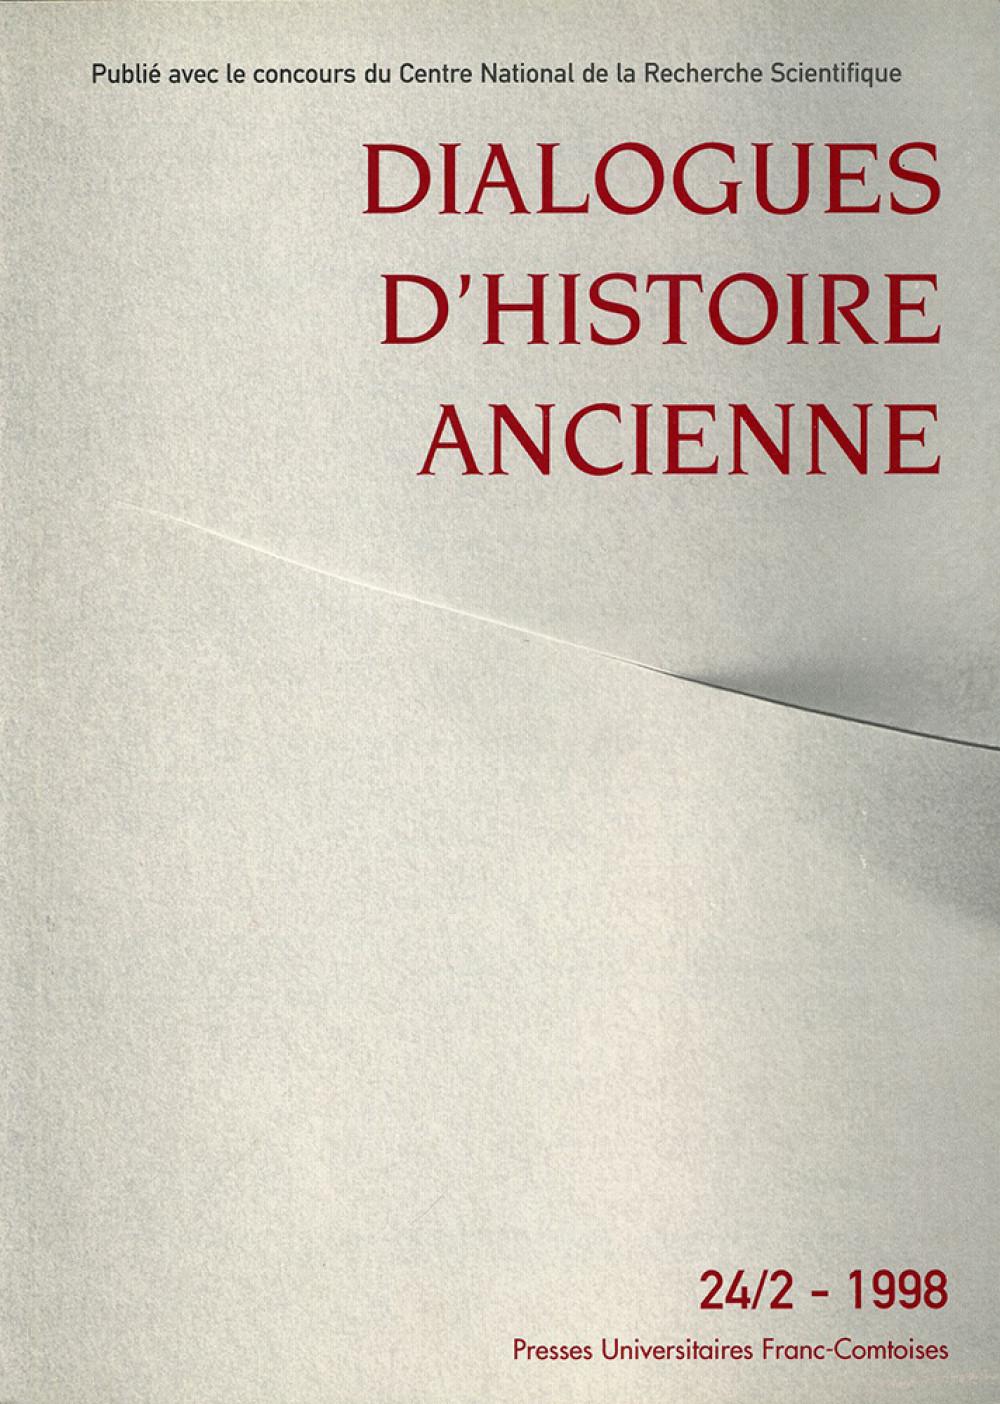 Dialogues d'Histoire Ancienne 24/2